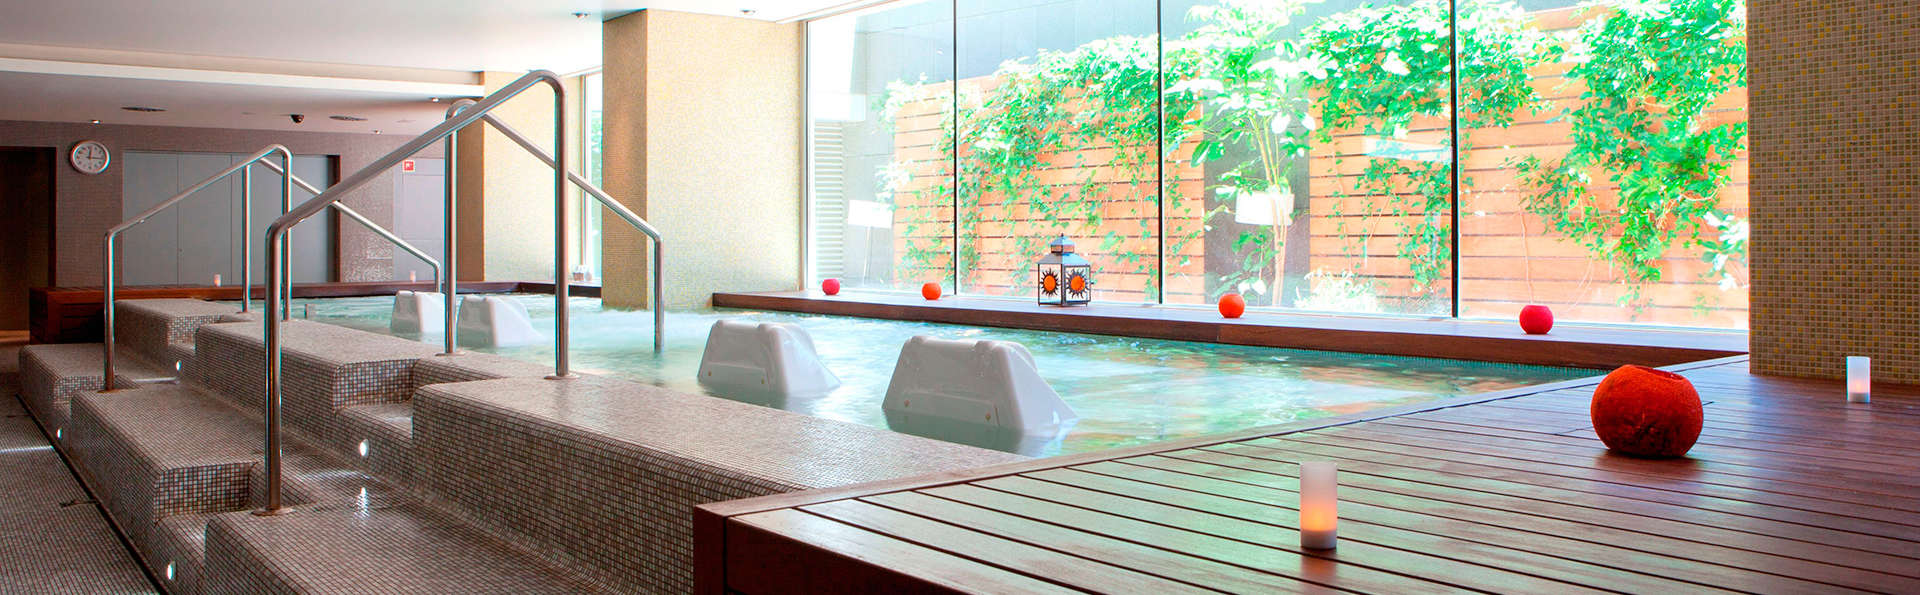 Romance et relax à Barcelone avec accès au spa, cava et parking inclus